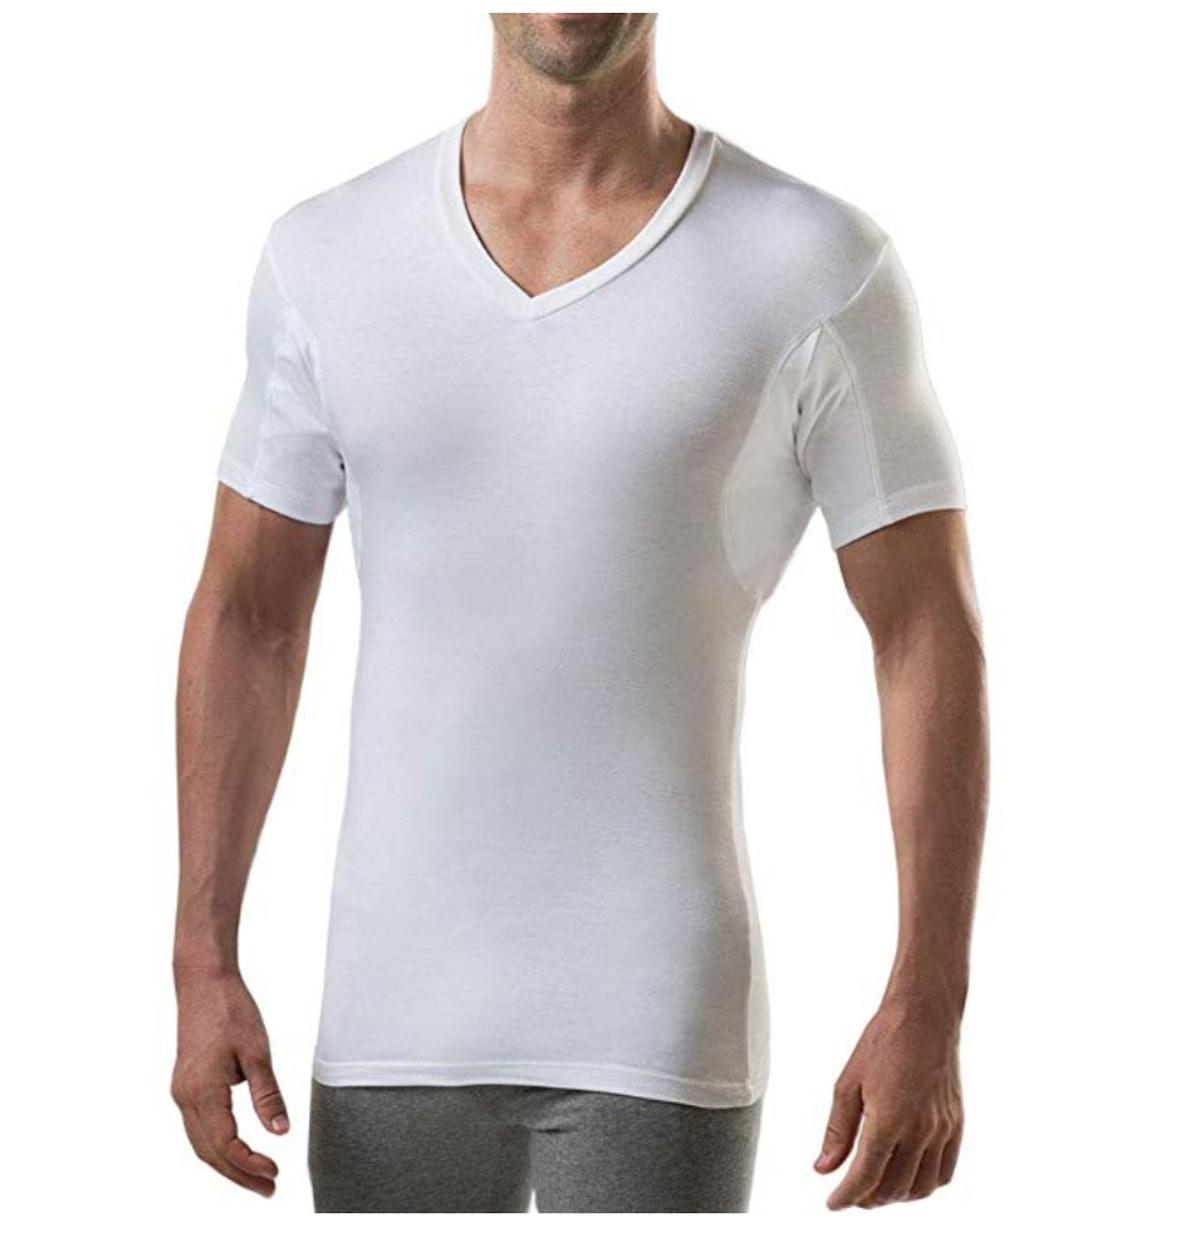 T THOMPSON TEE Men's Undershirt